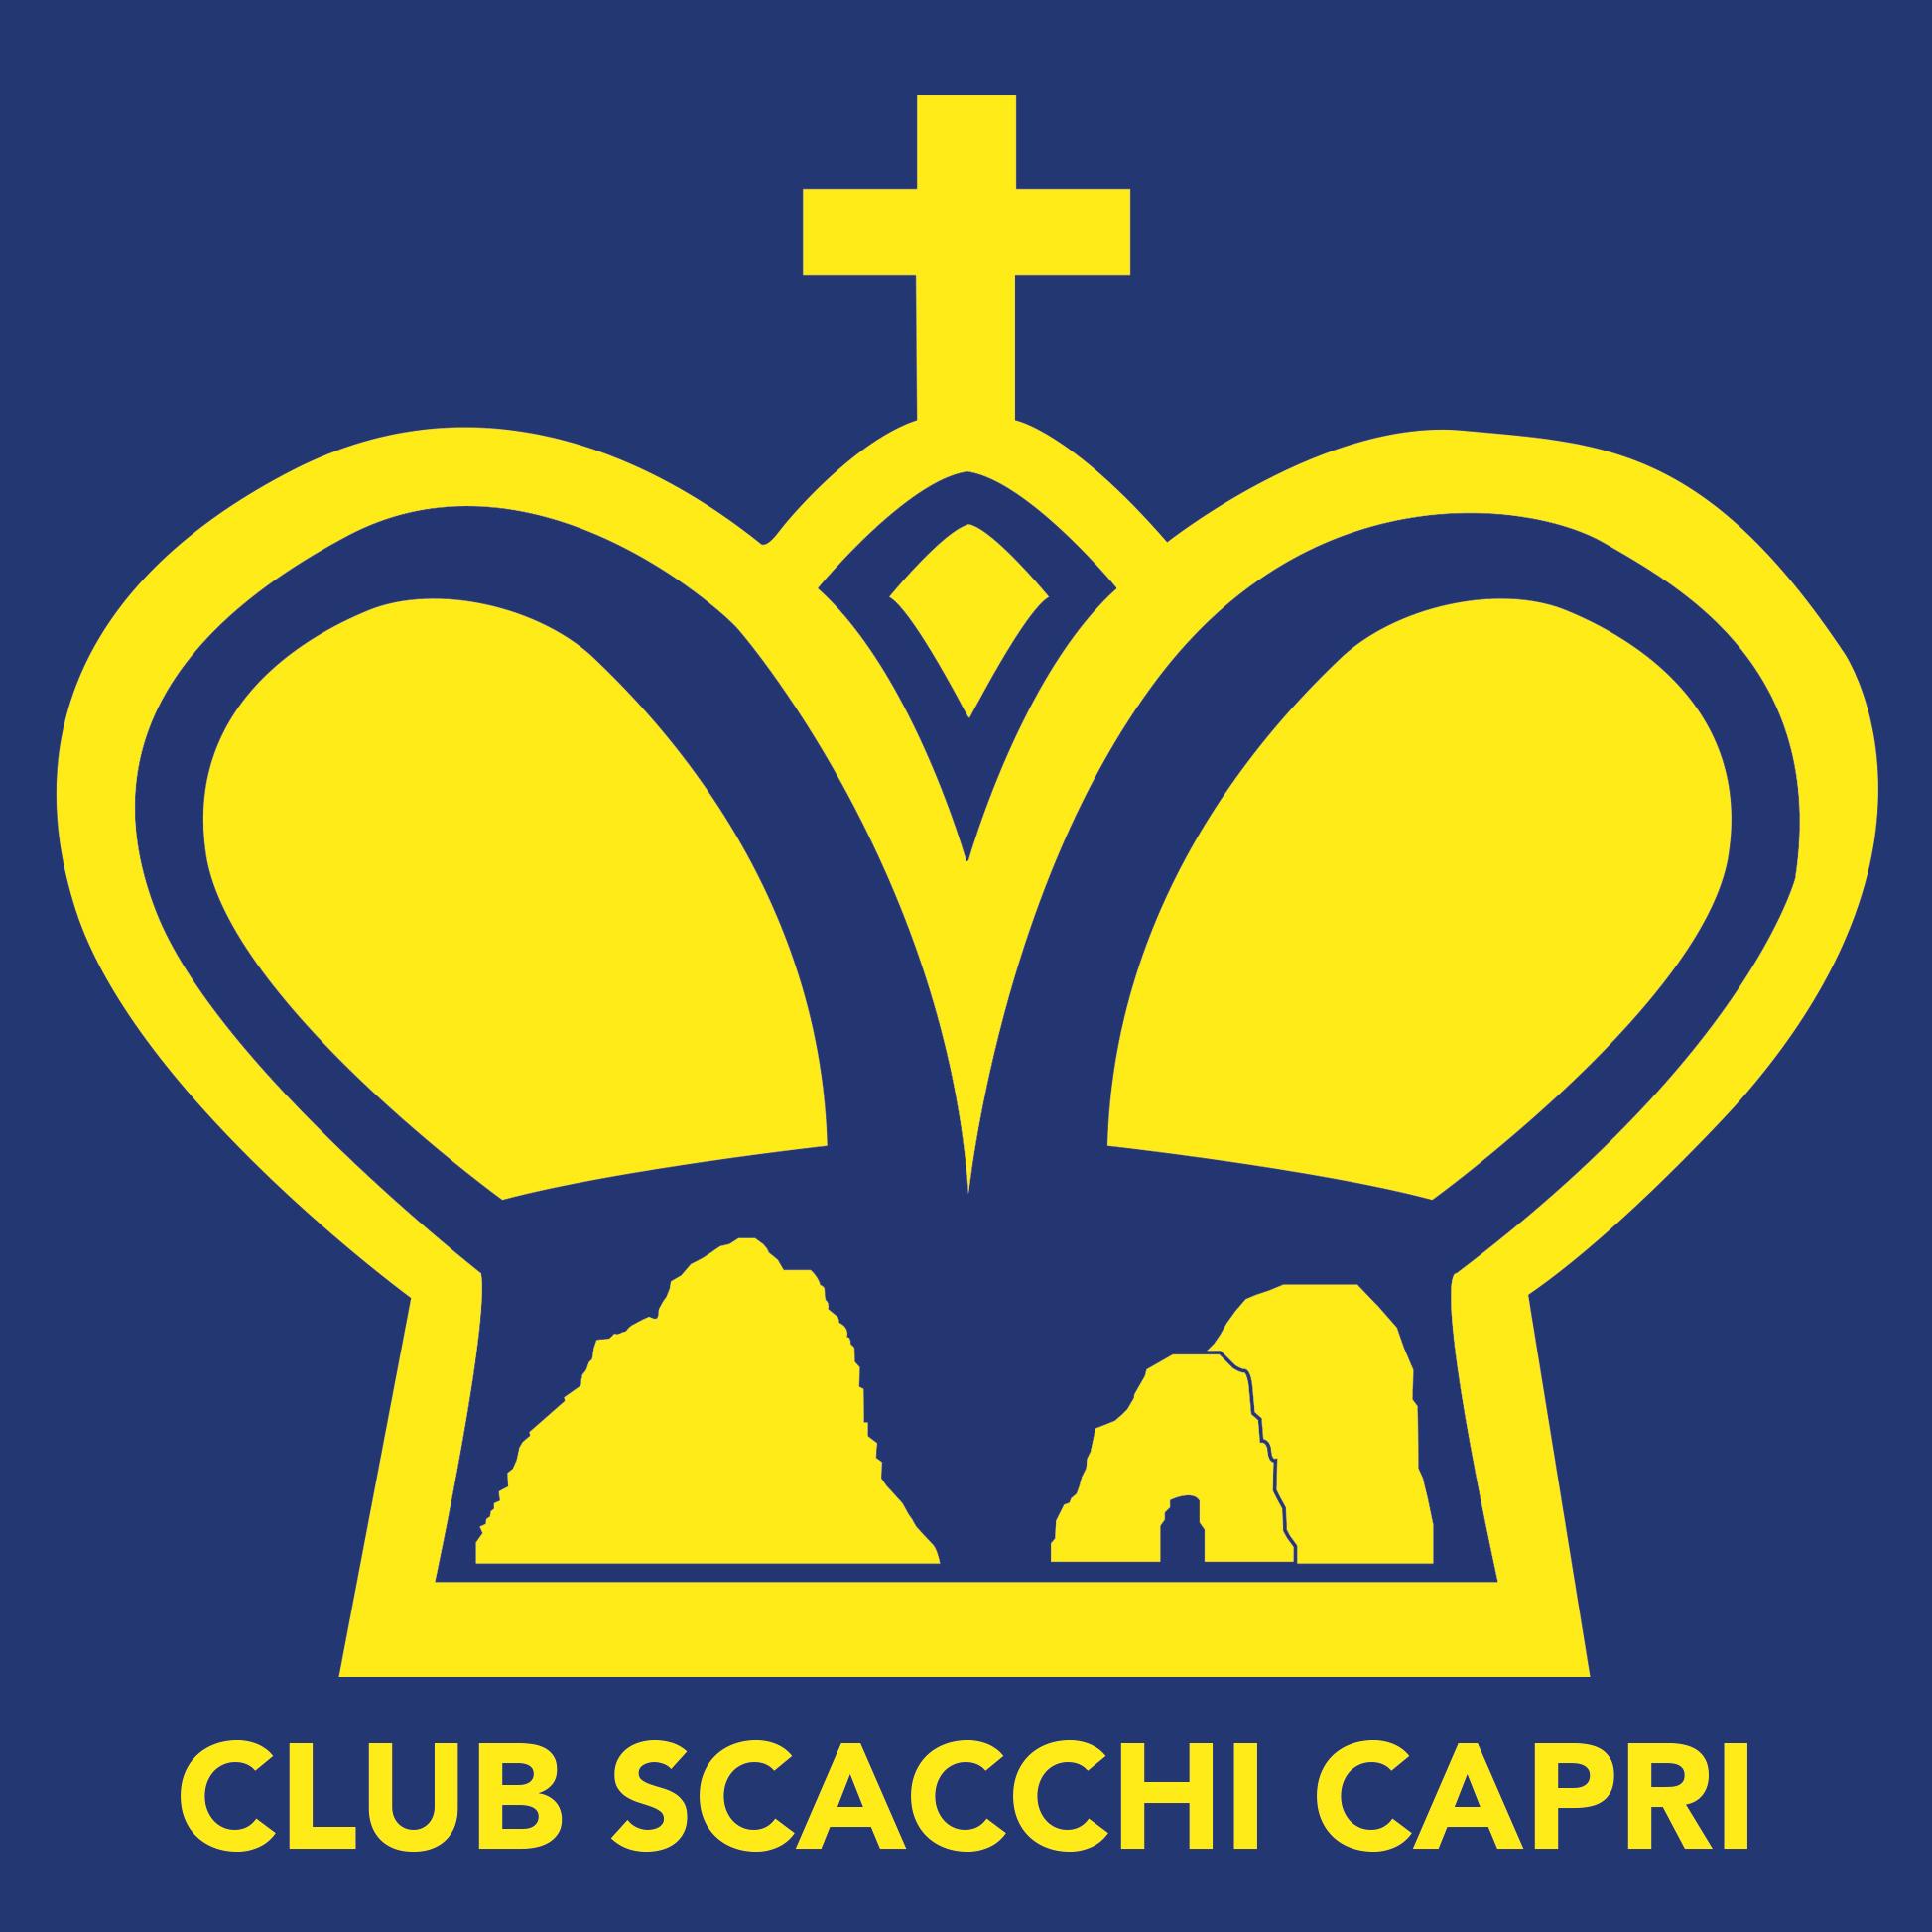 Club Scacchi